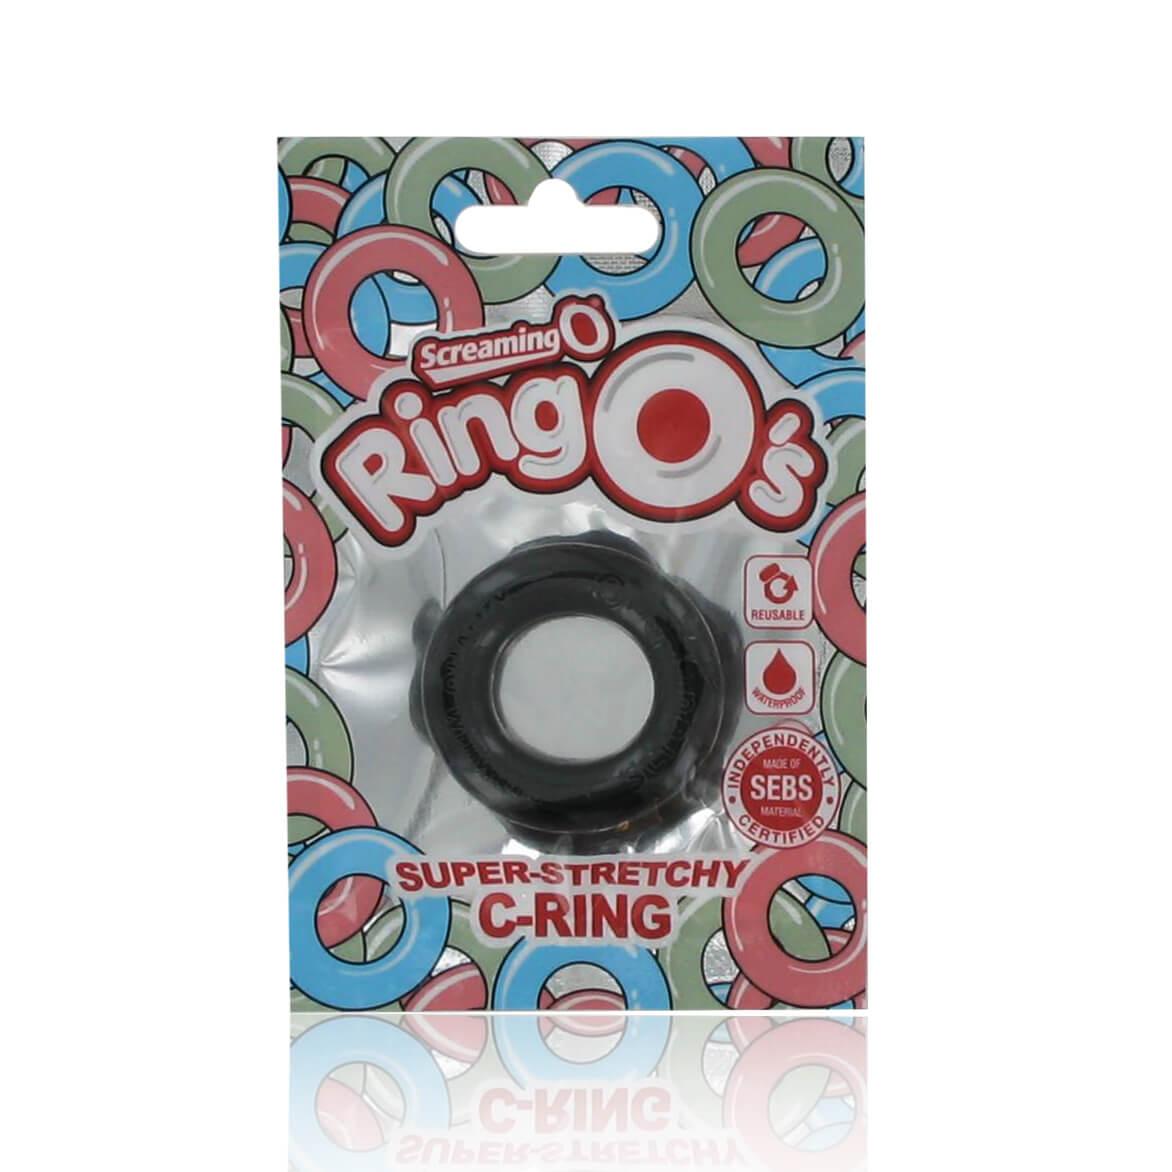 Vásárlás: Péniszgyűrű - Árak összehasonlítása, Péniszgyűrű boltok, olcsó ár, akciós Péniszgyűrűk